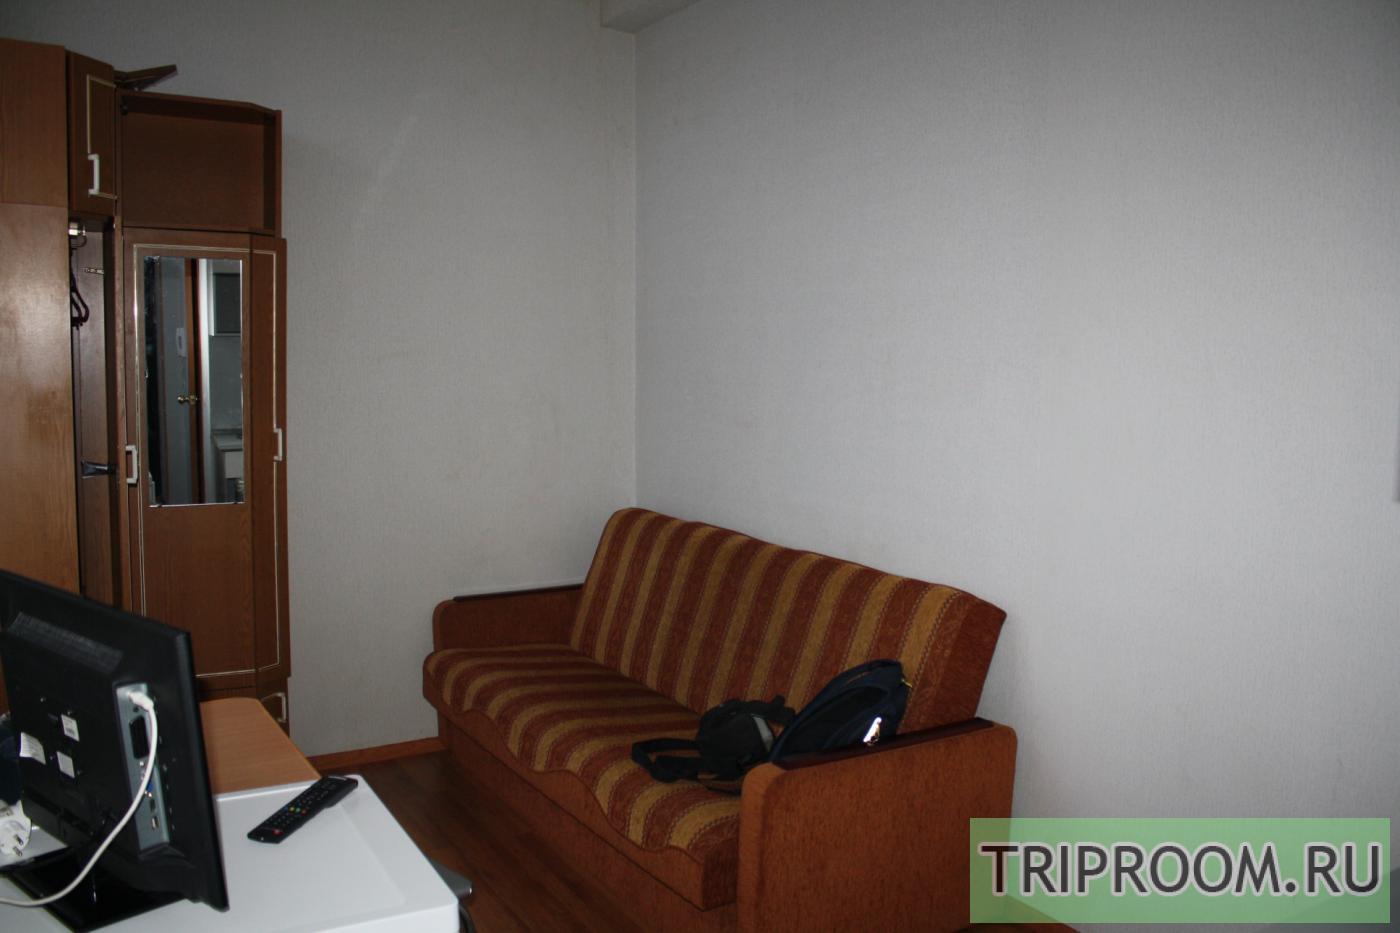 1-комнатная квартира посуточно (вариант № 15680), ул. Нижняя Первомайская улица, фото № 4